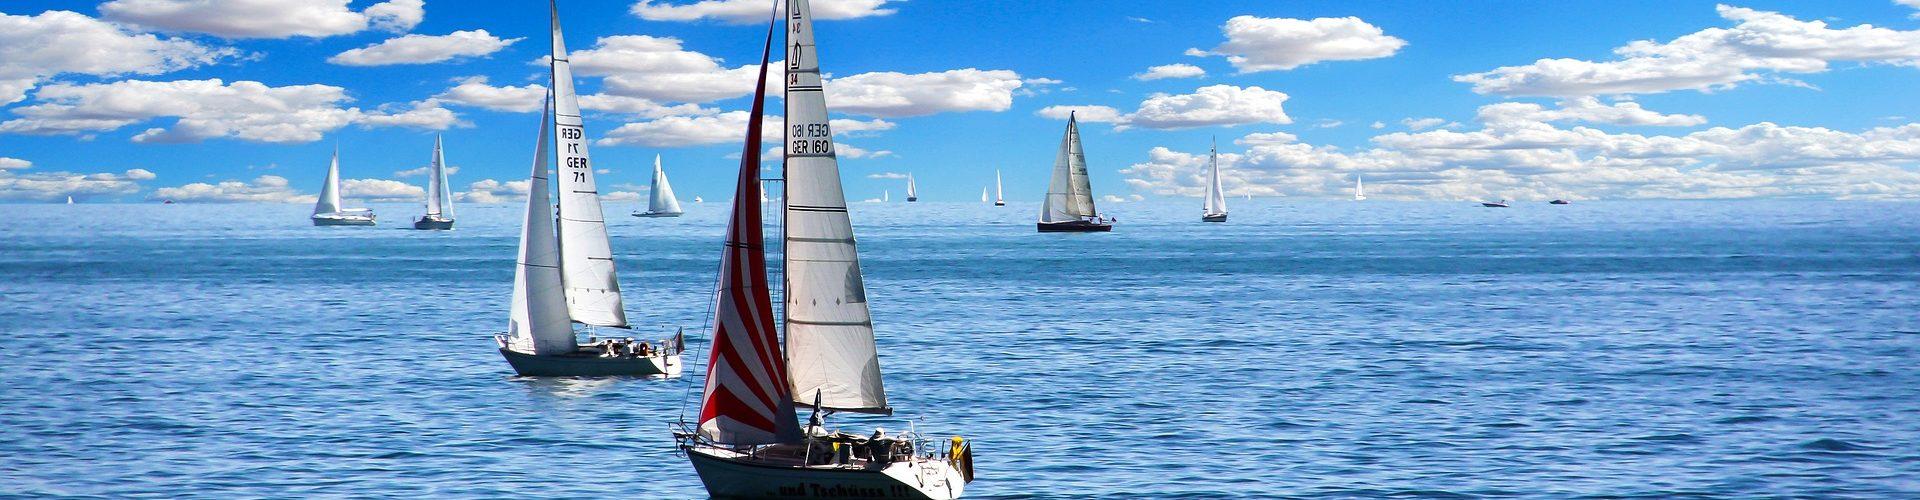 segeln lernen in Wolnzach segelschein machen in Wolnzach 1920x500 - Segeln lernen in Wolnzach